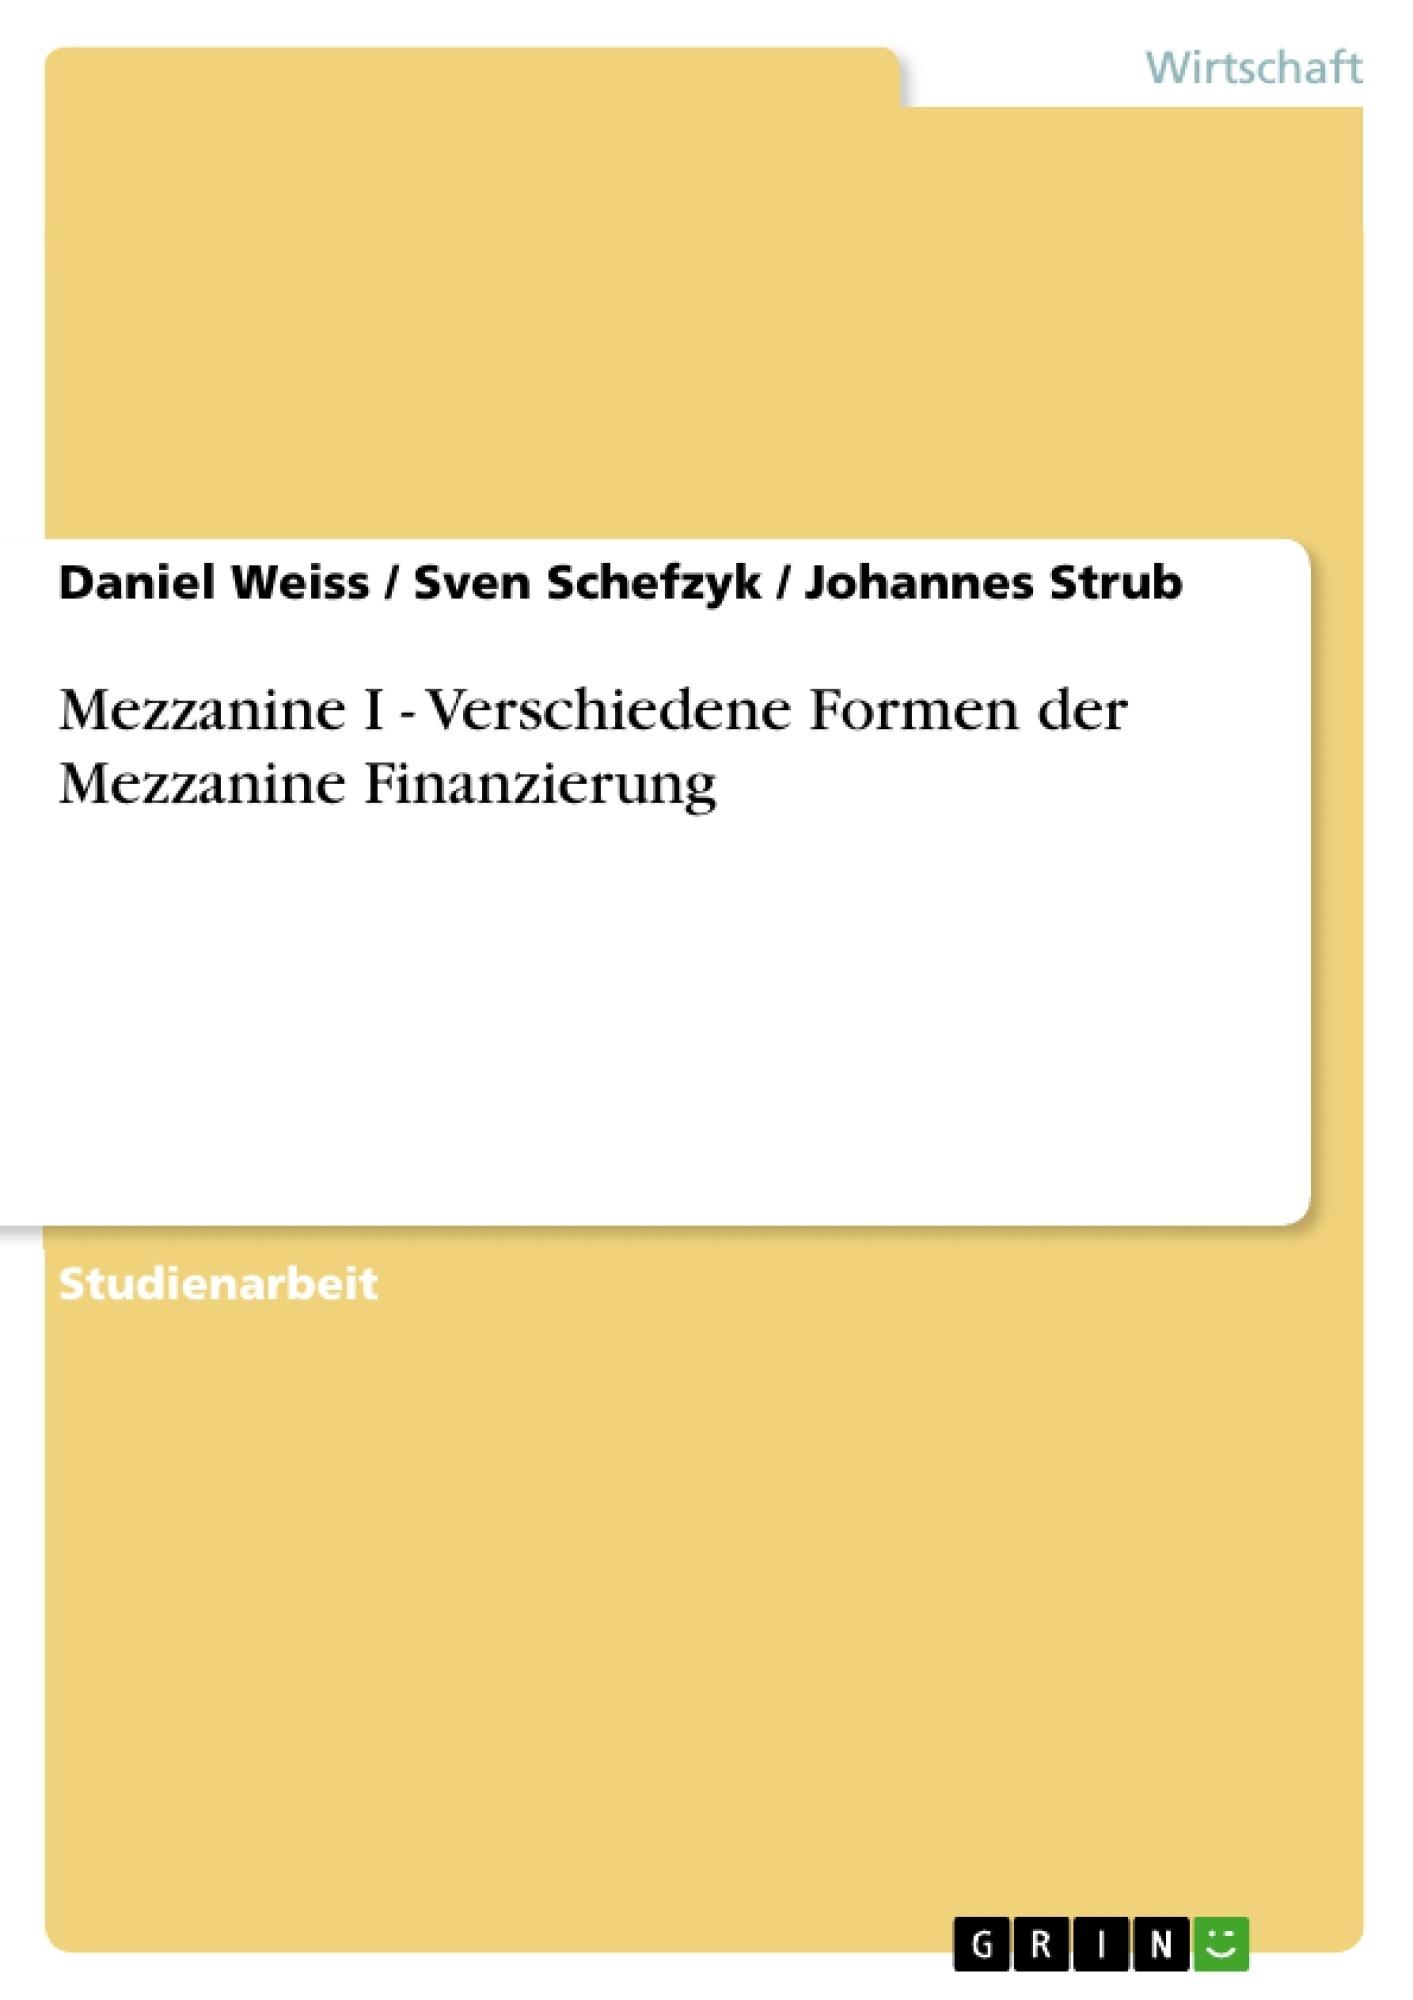 Titel: Mezzanine I  -  Verschiedene Formen der Mezzanine Finanzierung